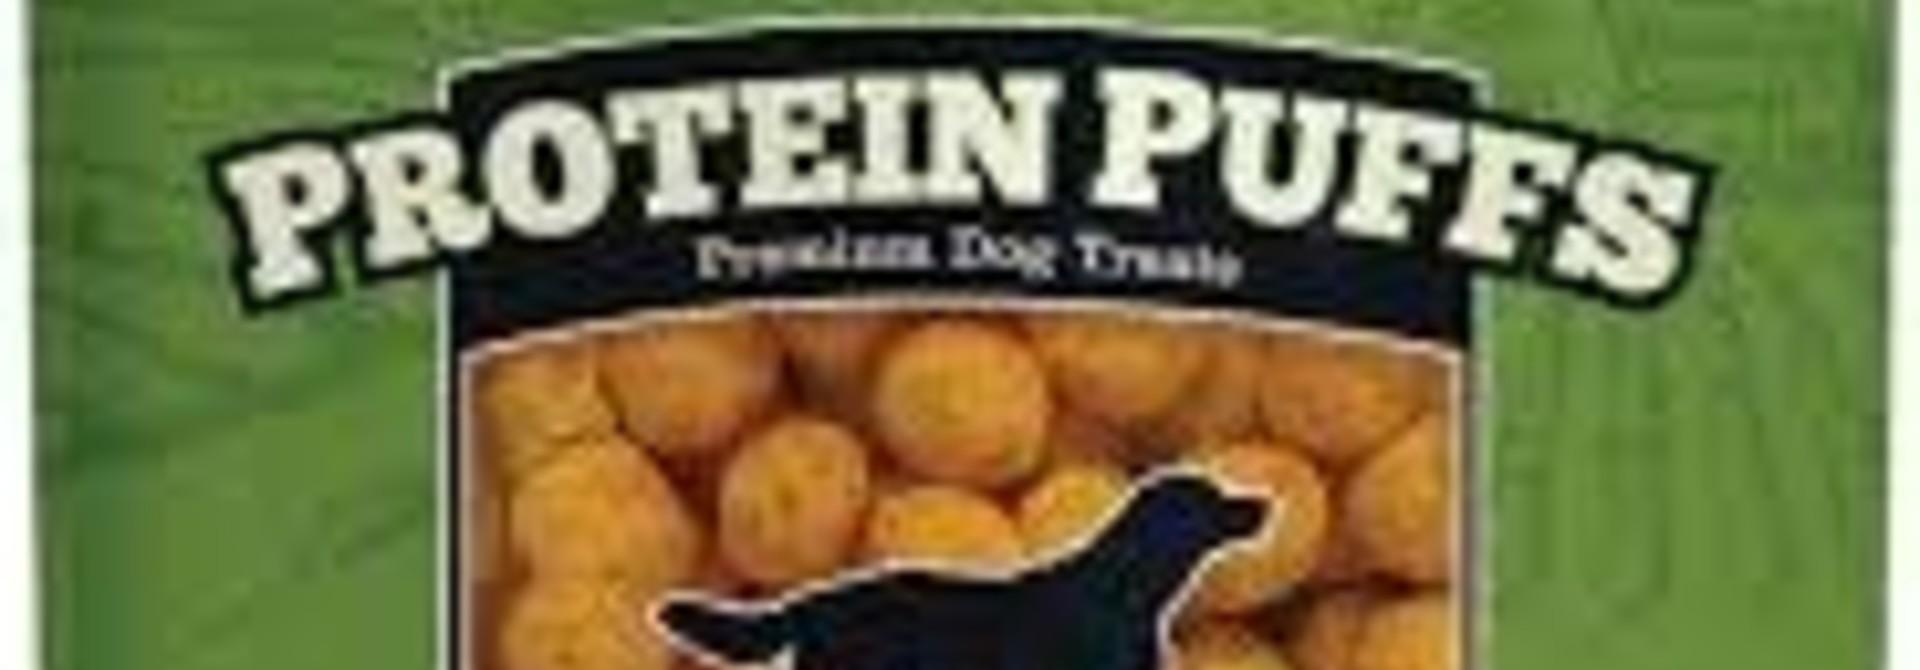 Protein Puffs-Turkey